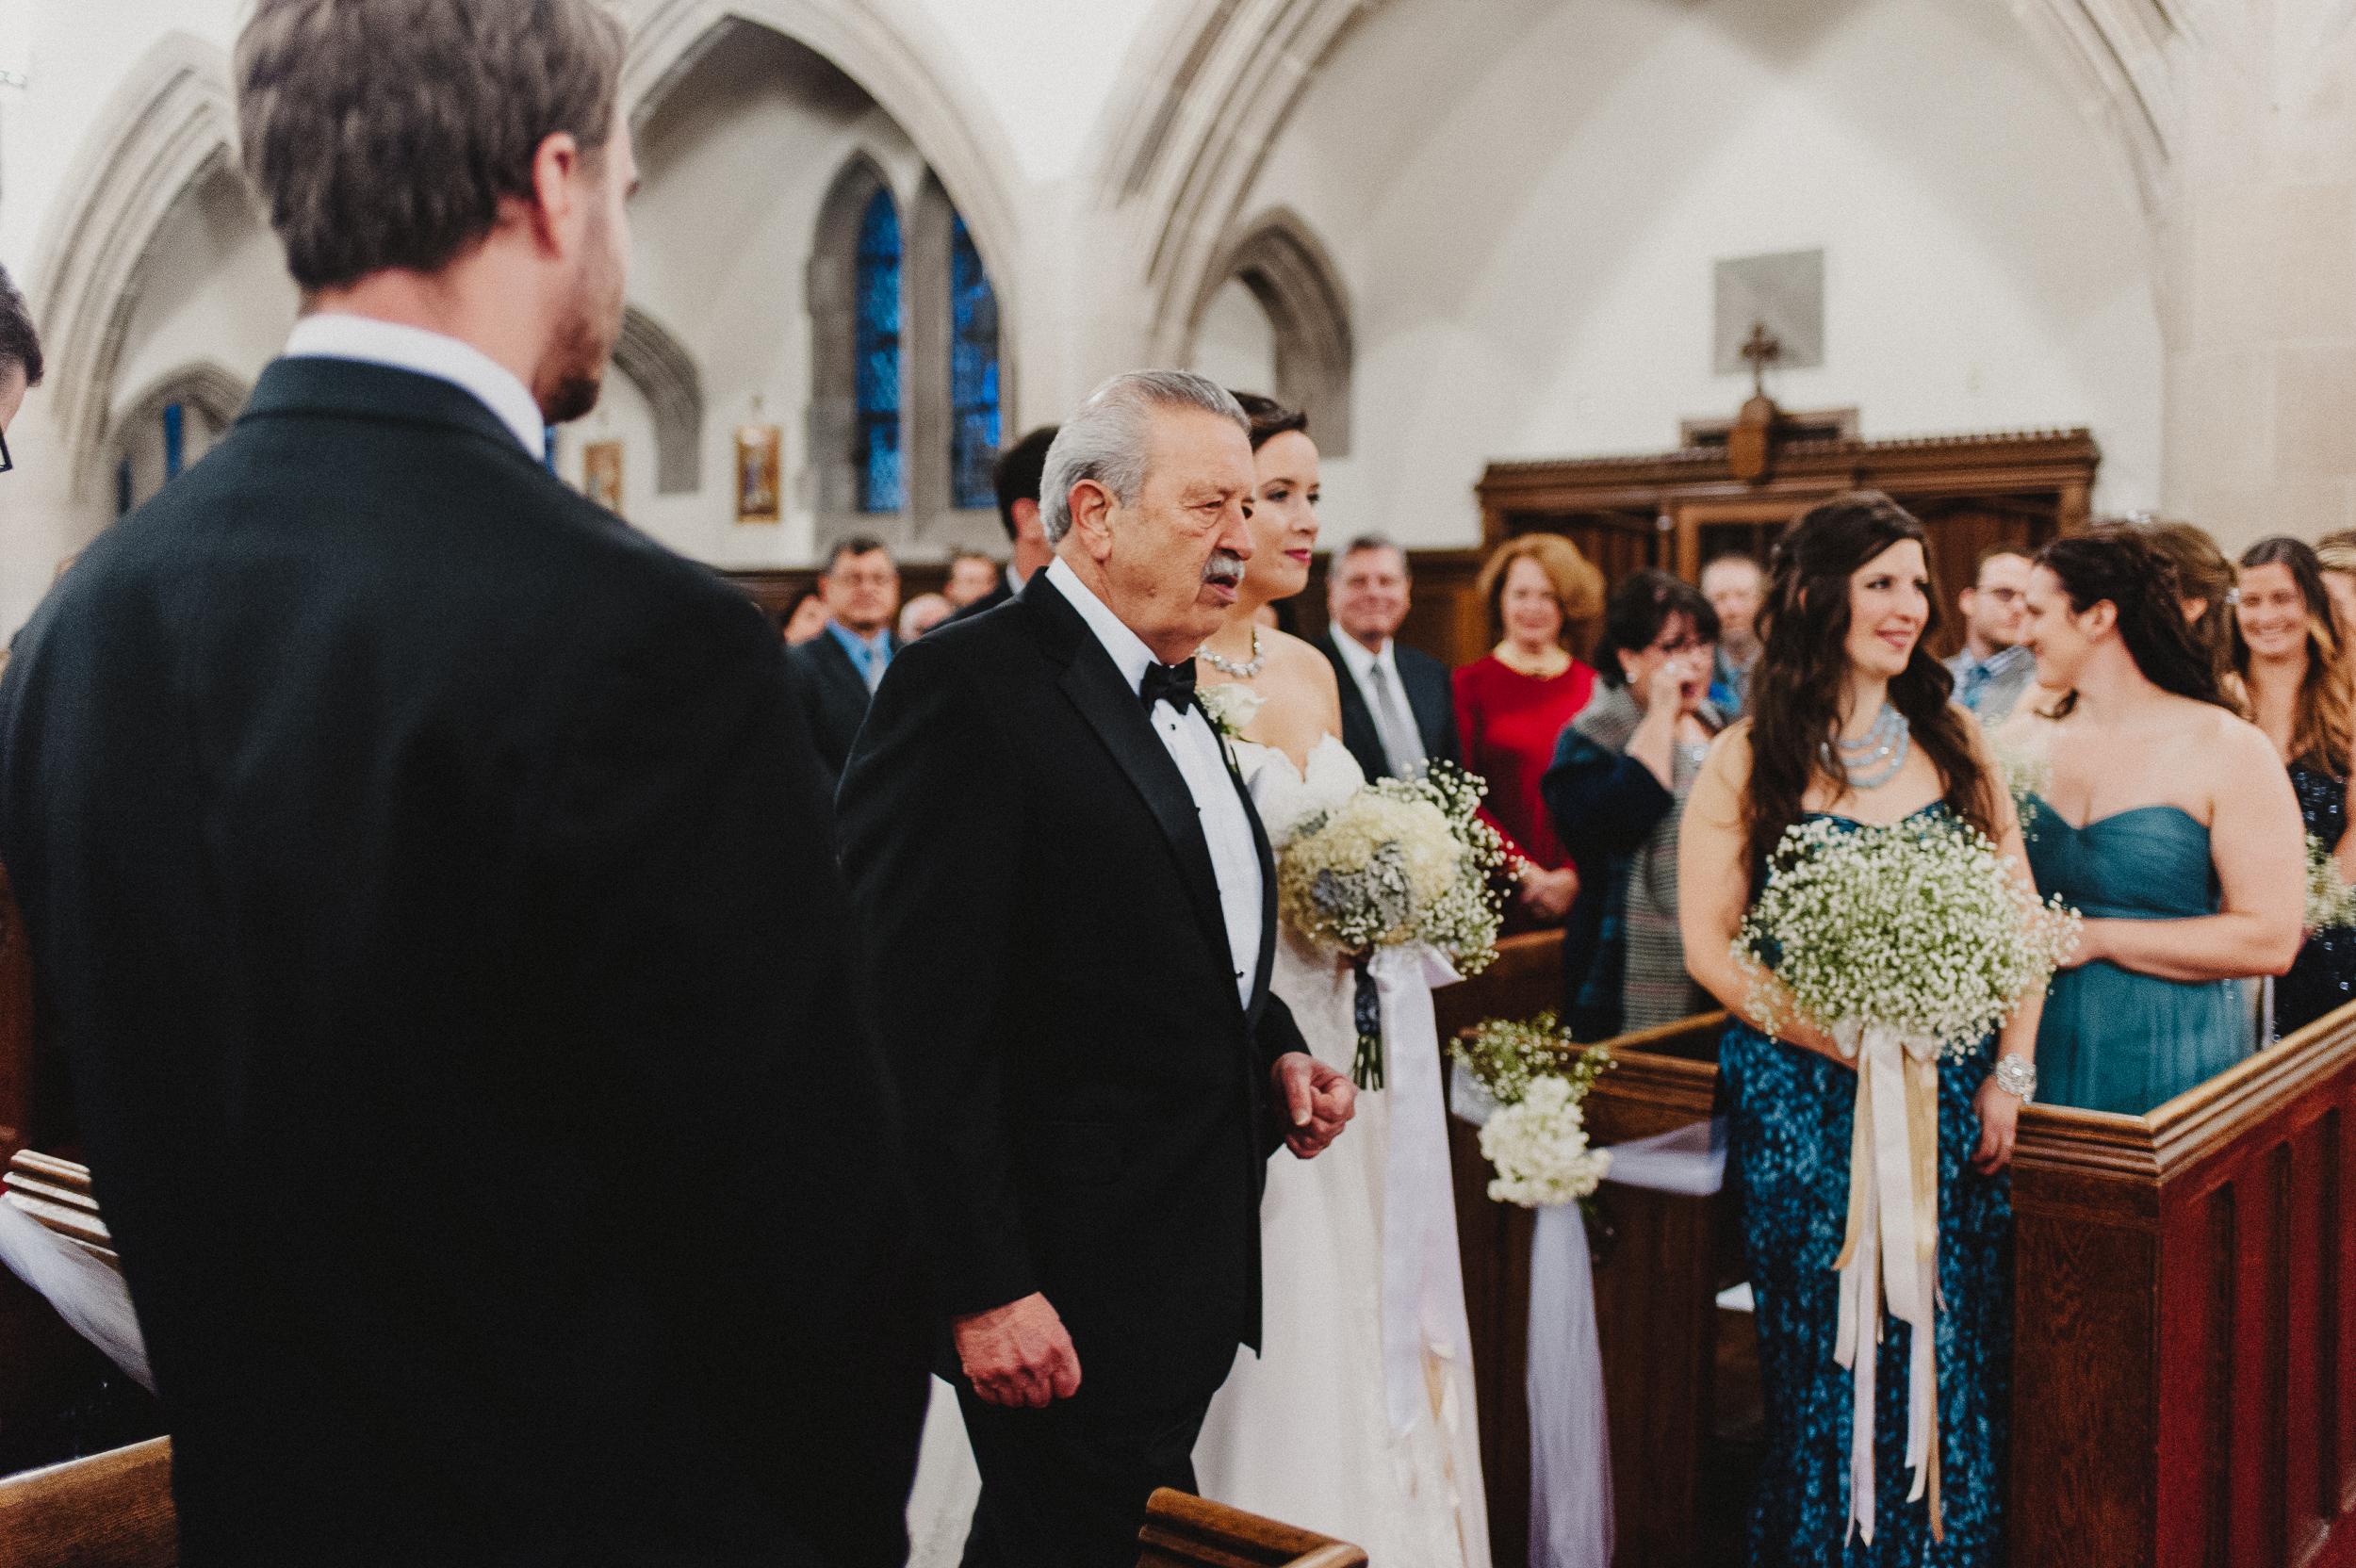 vermont-destination-wedding-photographer-42.jpg